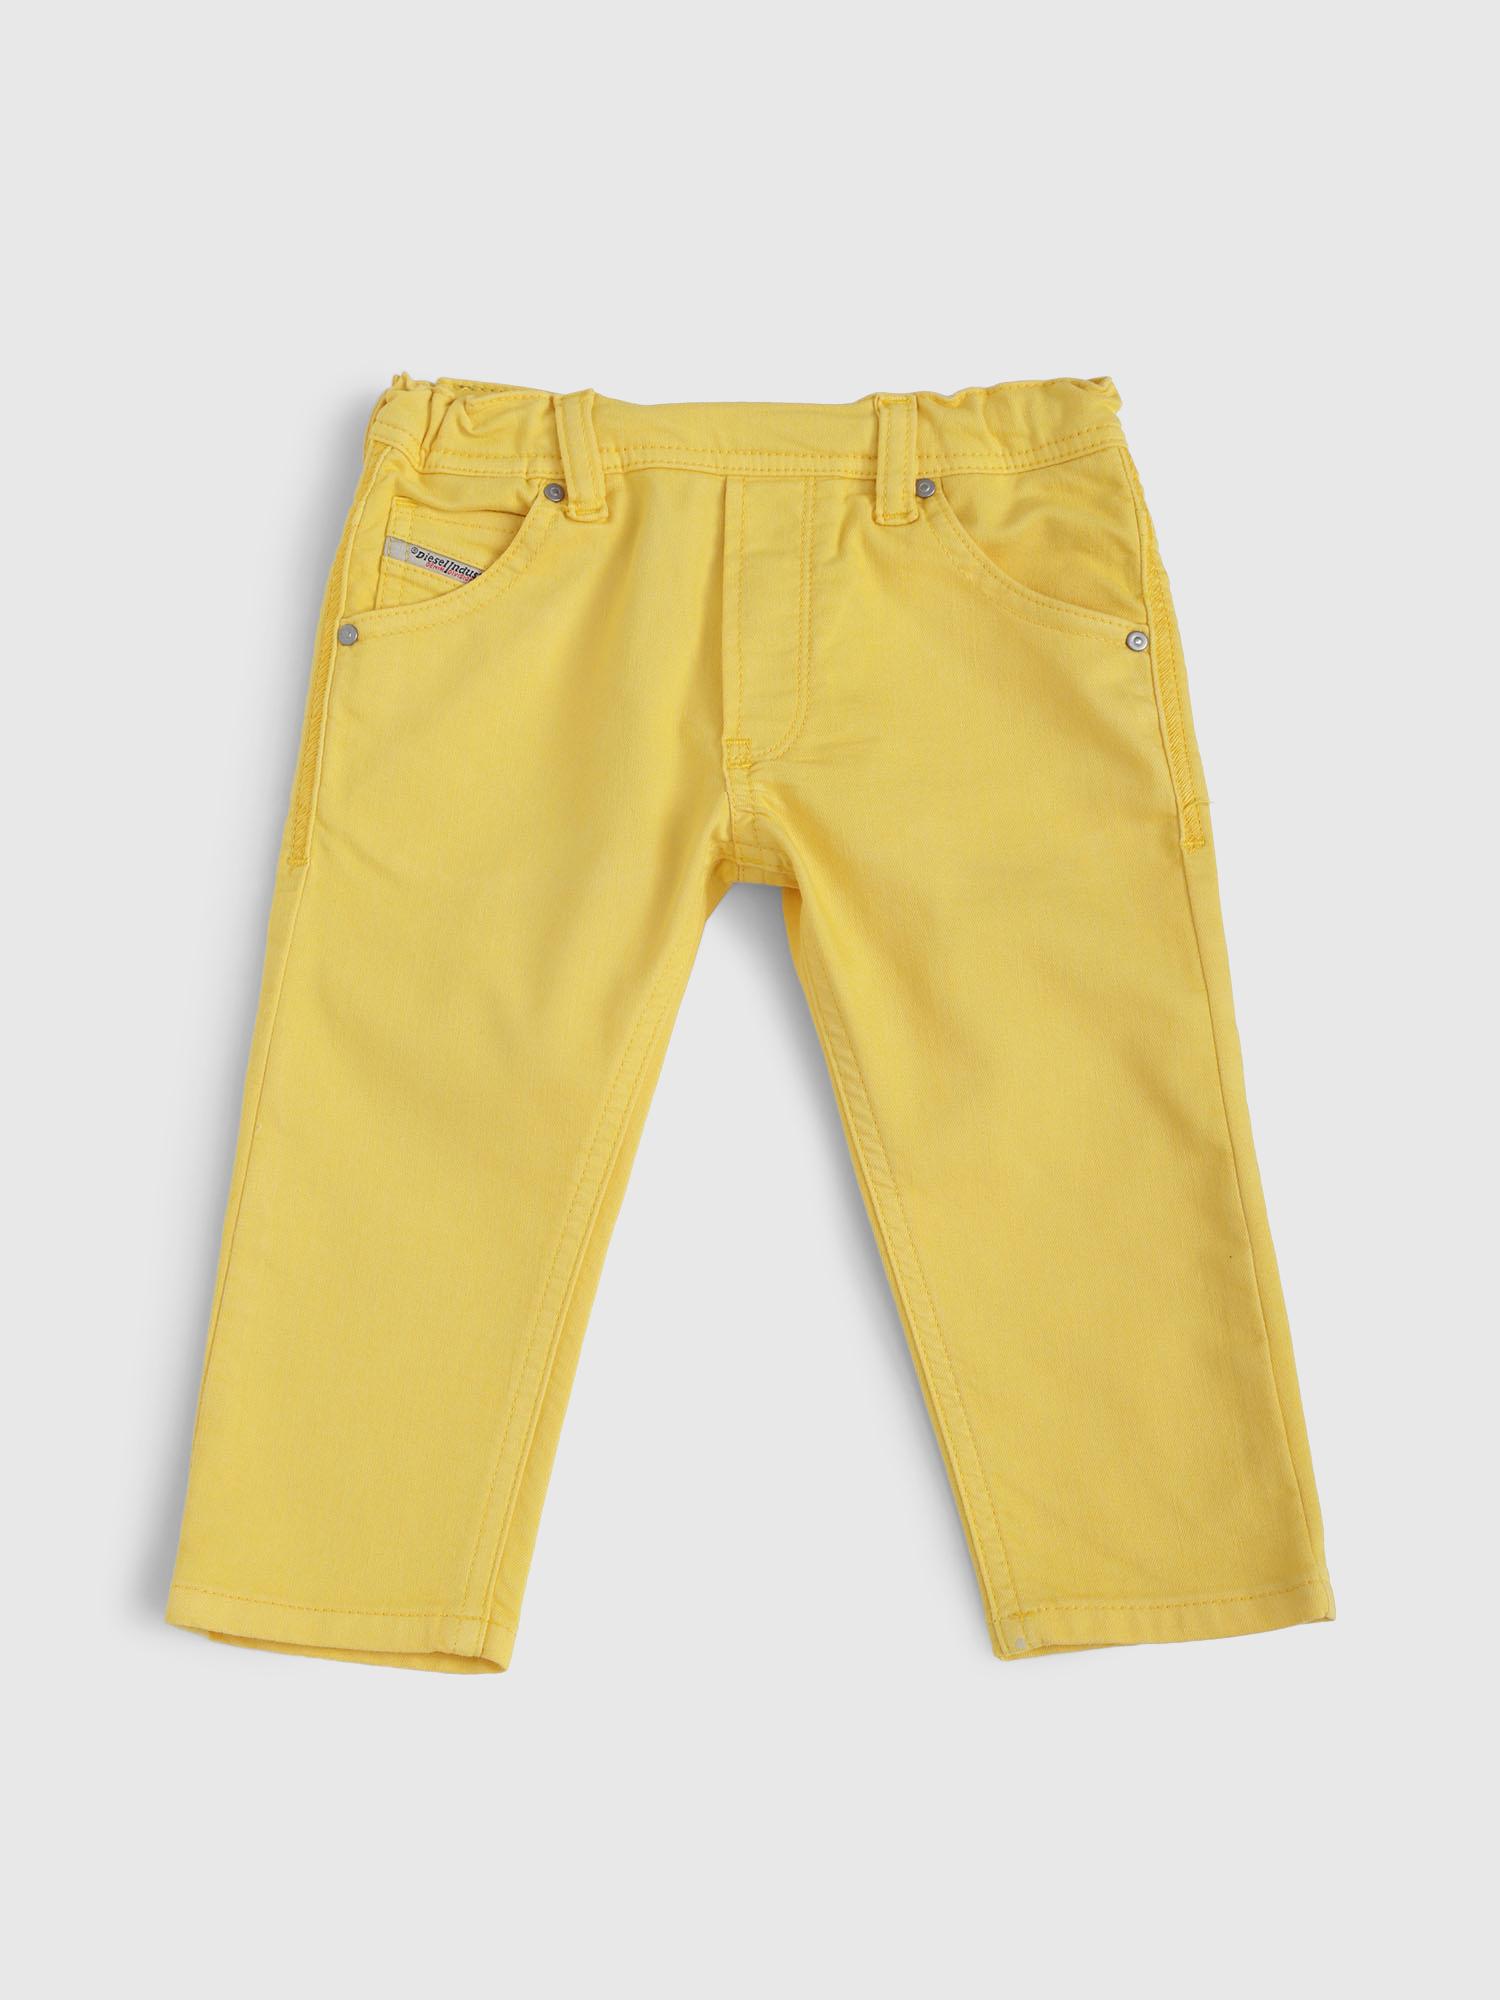 Diesel Jeans KXA95 - Yellow - 3M